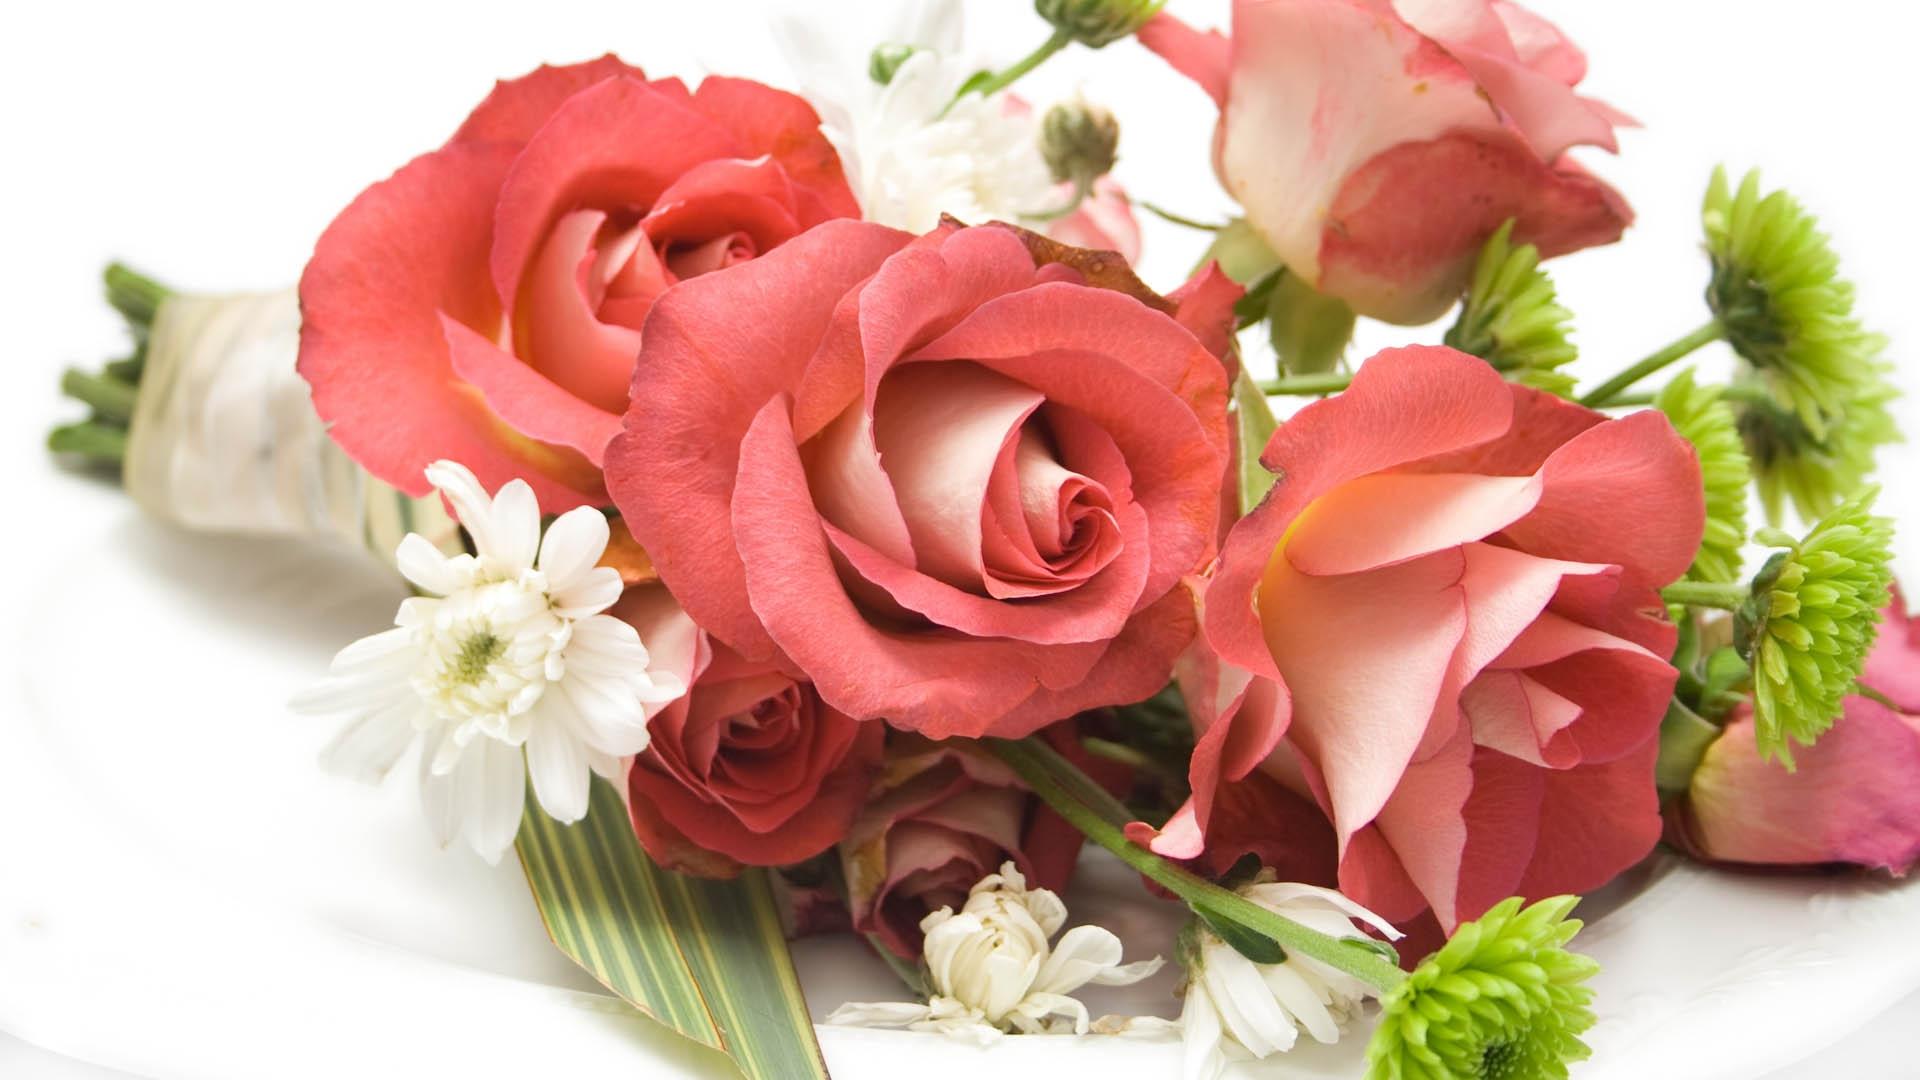 بالصور خلفيات زهور , خلفيات زهور للهواتف واجهزة الكمبيوتر 2903 10